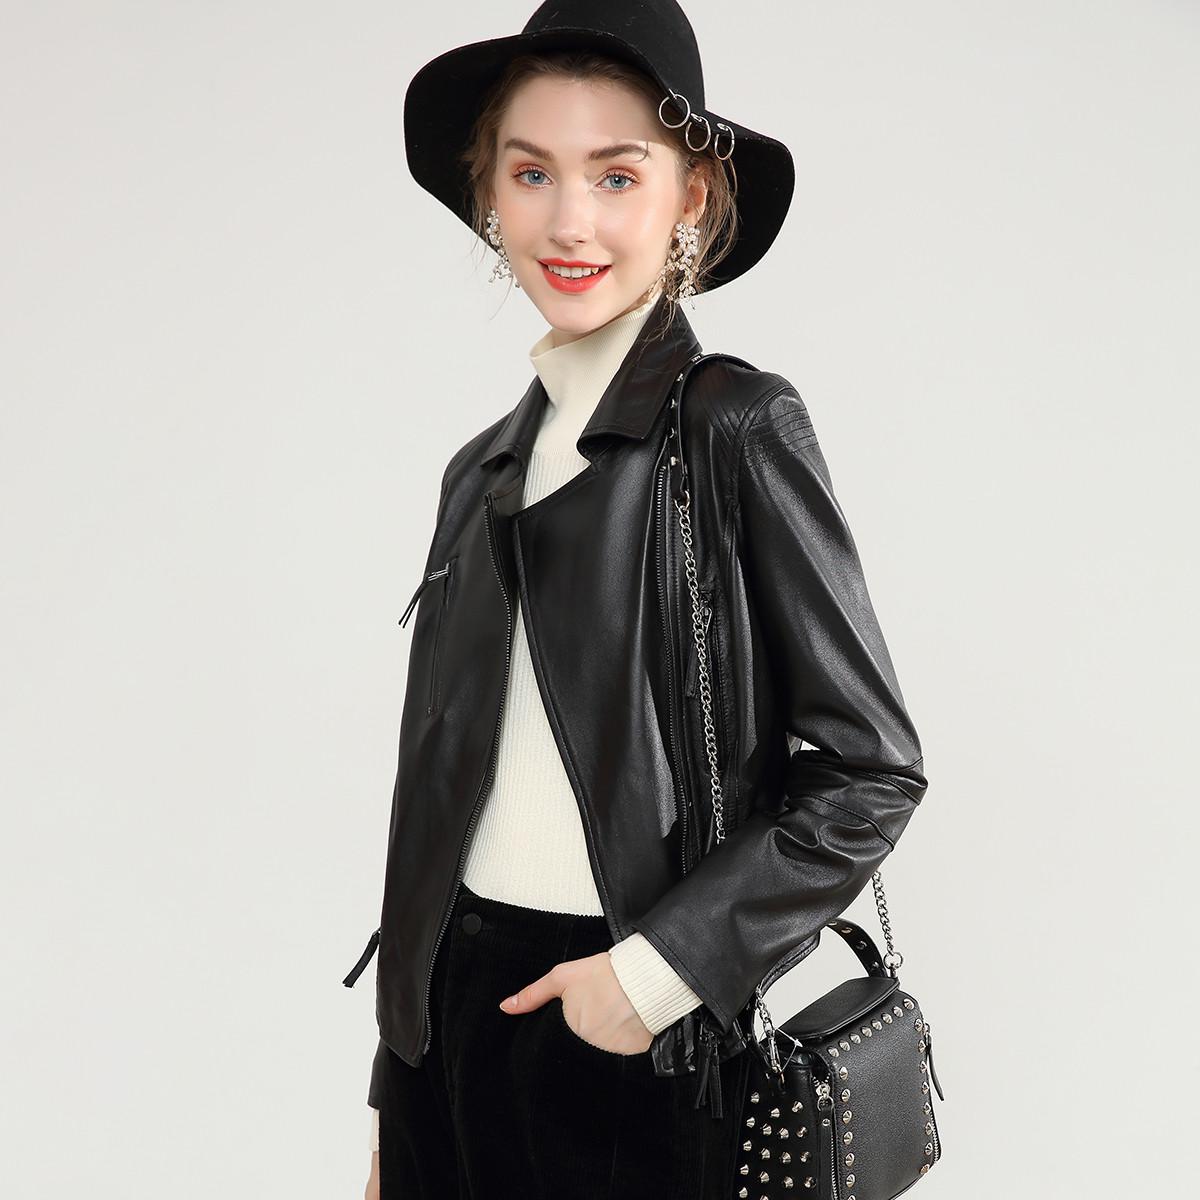 丰富多彩的时尚潮流内函 广州知名品牌戈蔓婷女装打造出新一代阿时尚女装品牌